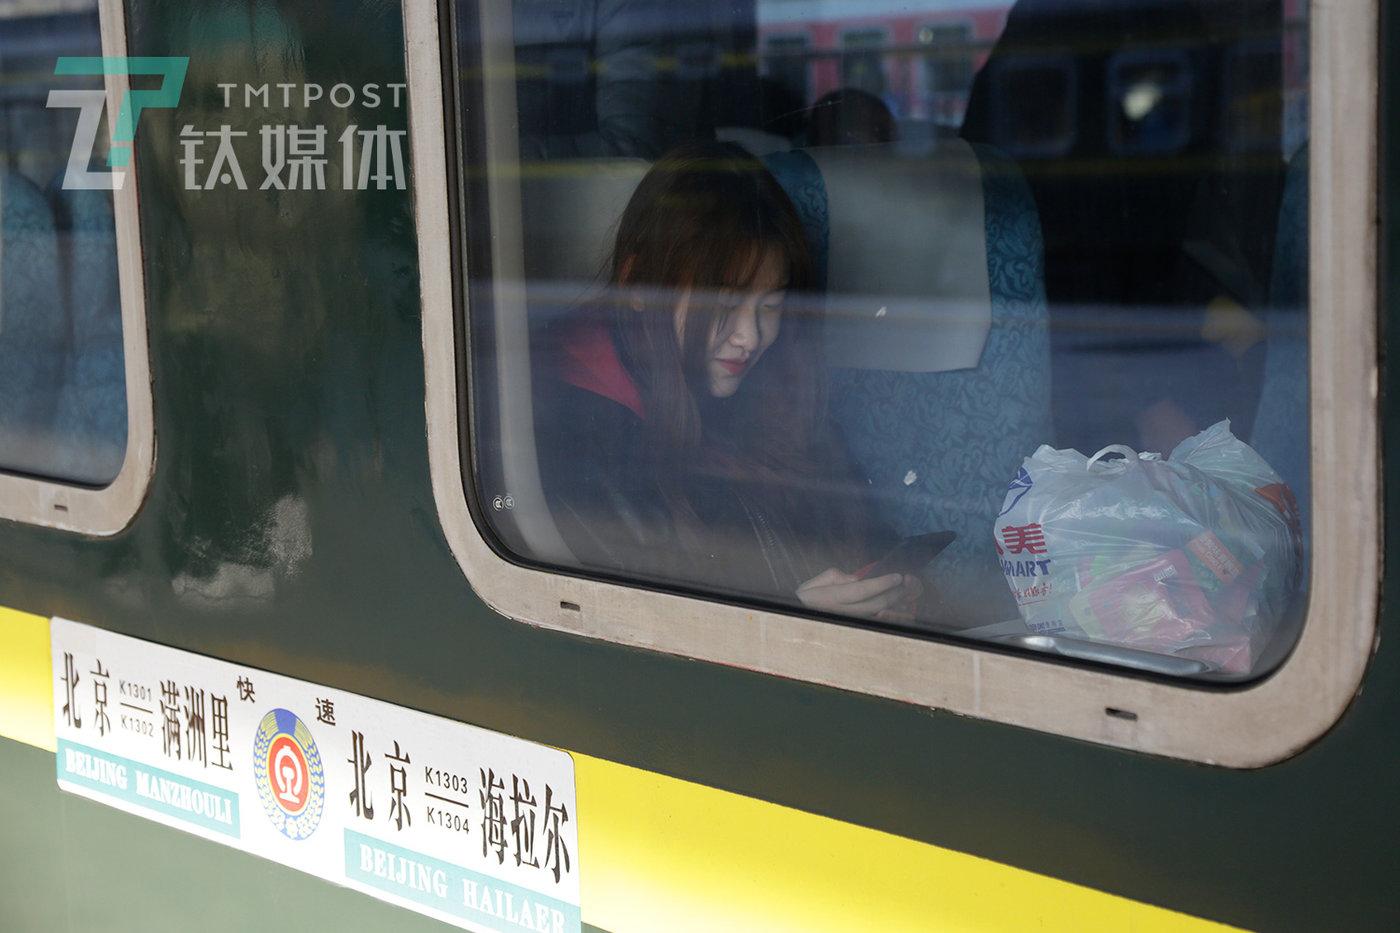 北京火车站站台,K1301次乘客在硬座车厢期待发车。